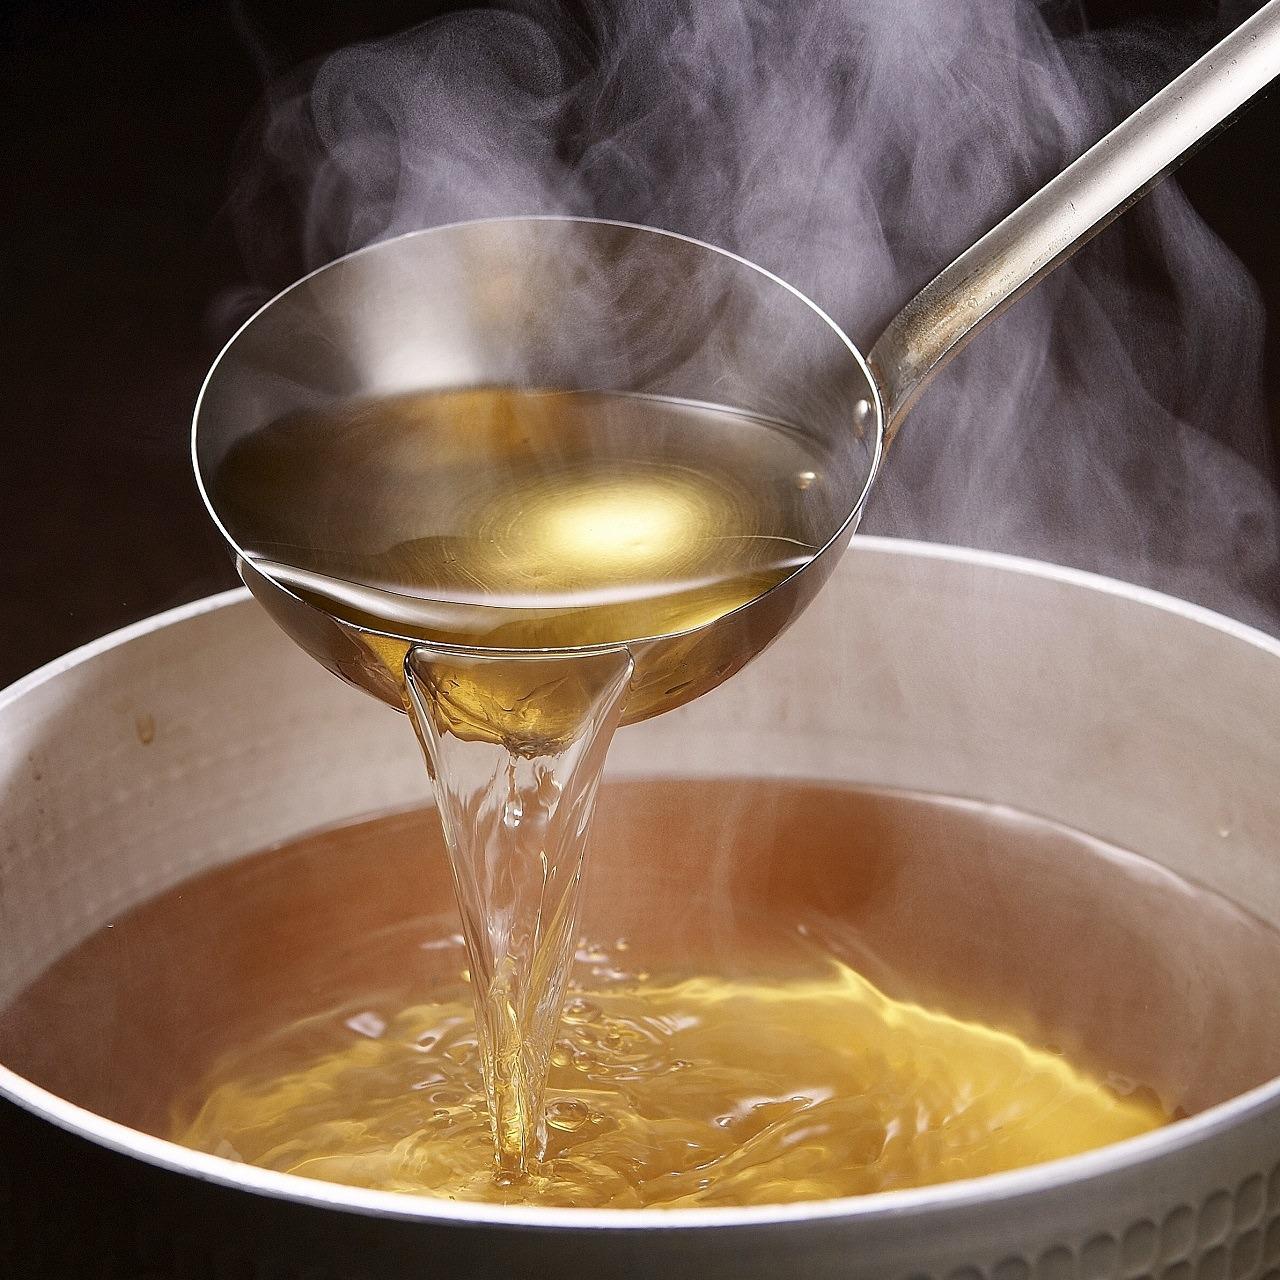 和食の基本!料理の腕がぐんと上がる『出汁(だし)』のレシピのサムネイル画像